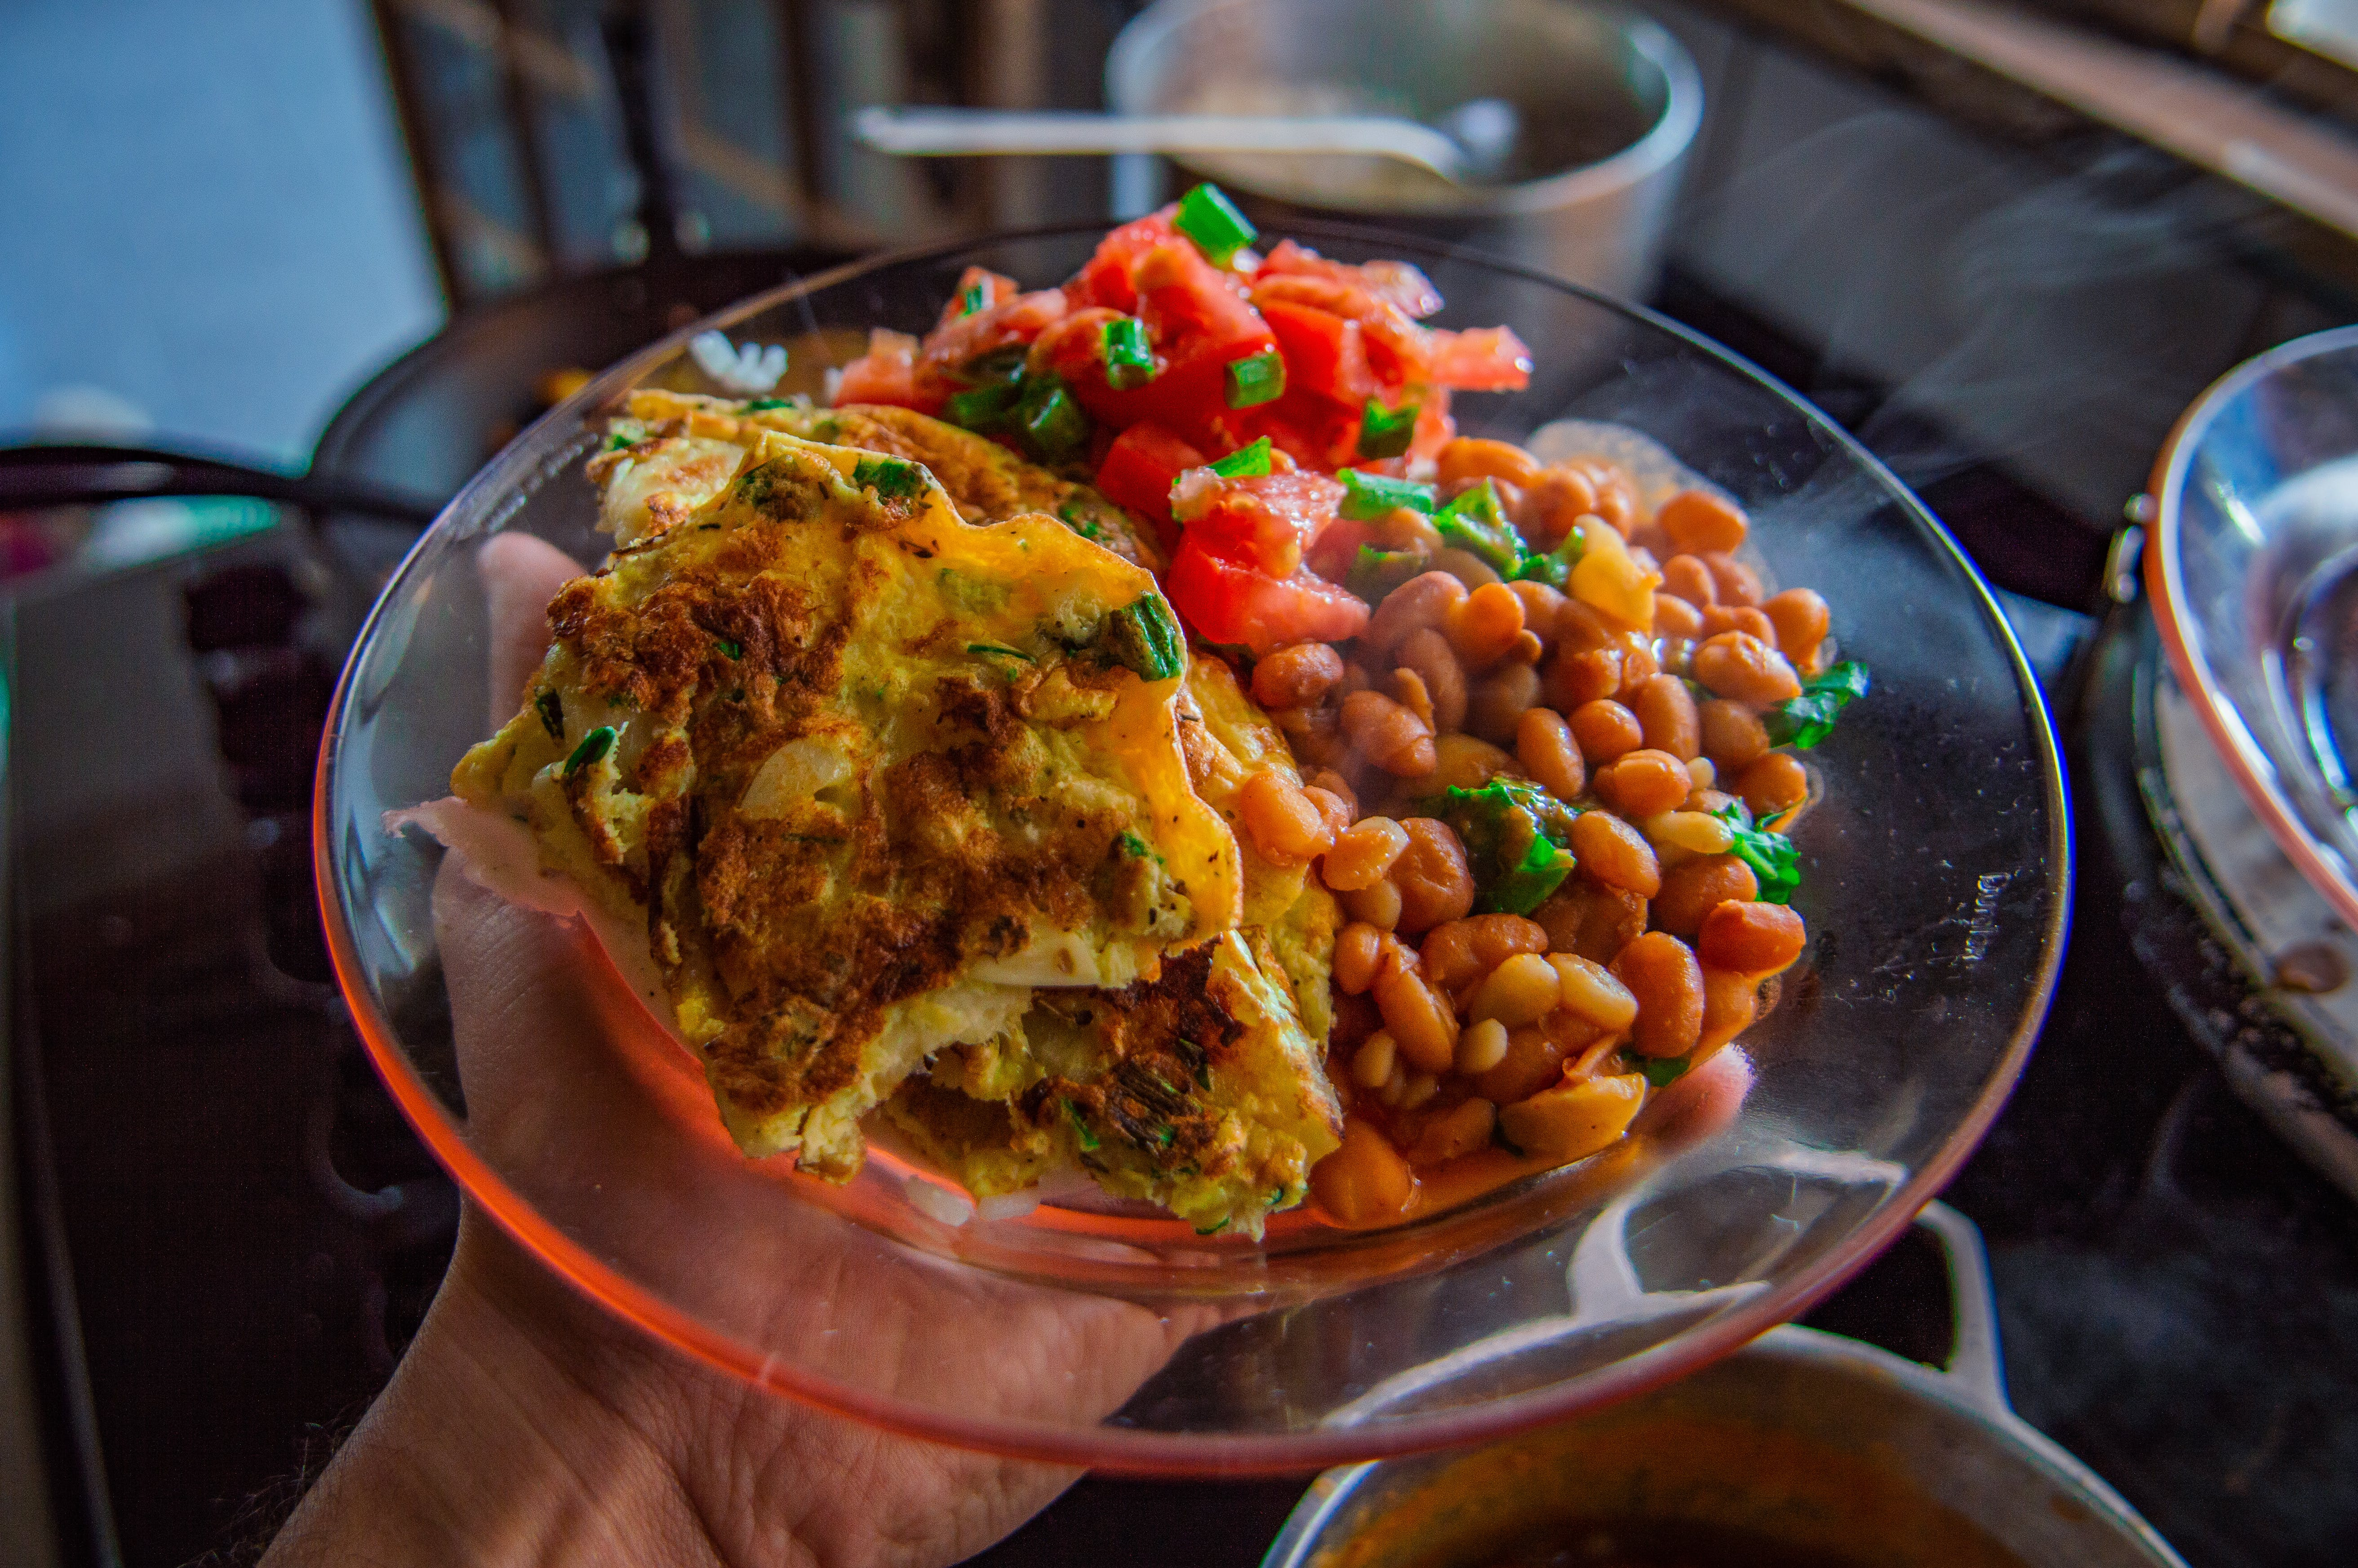 Foto d'estoc gratuïta de àpat, deliciós, dinar, fesols